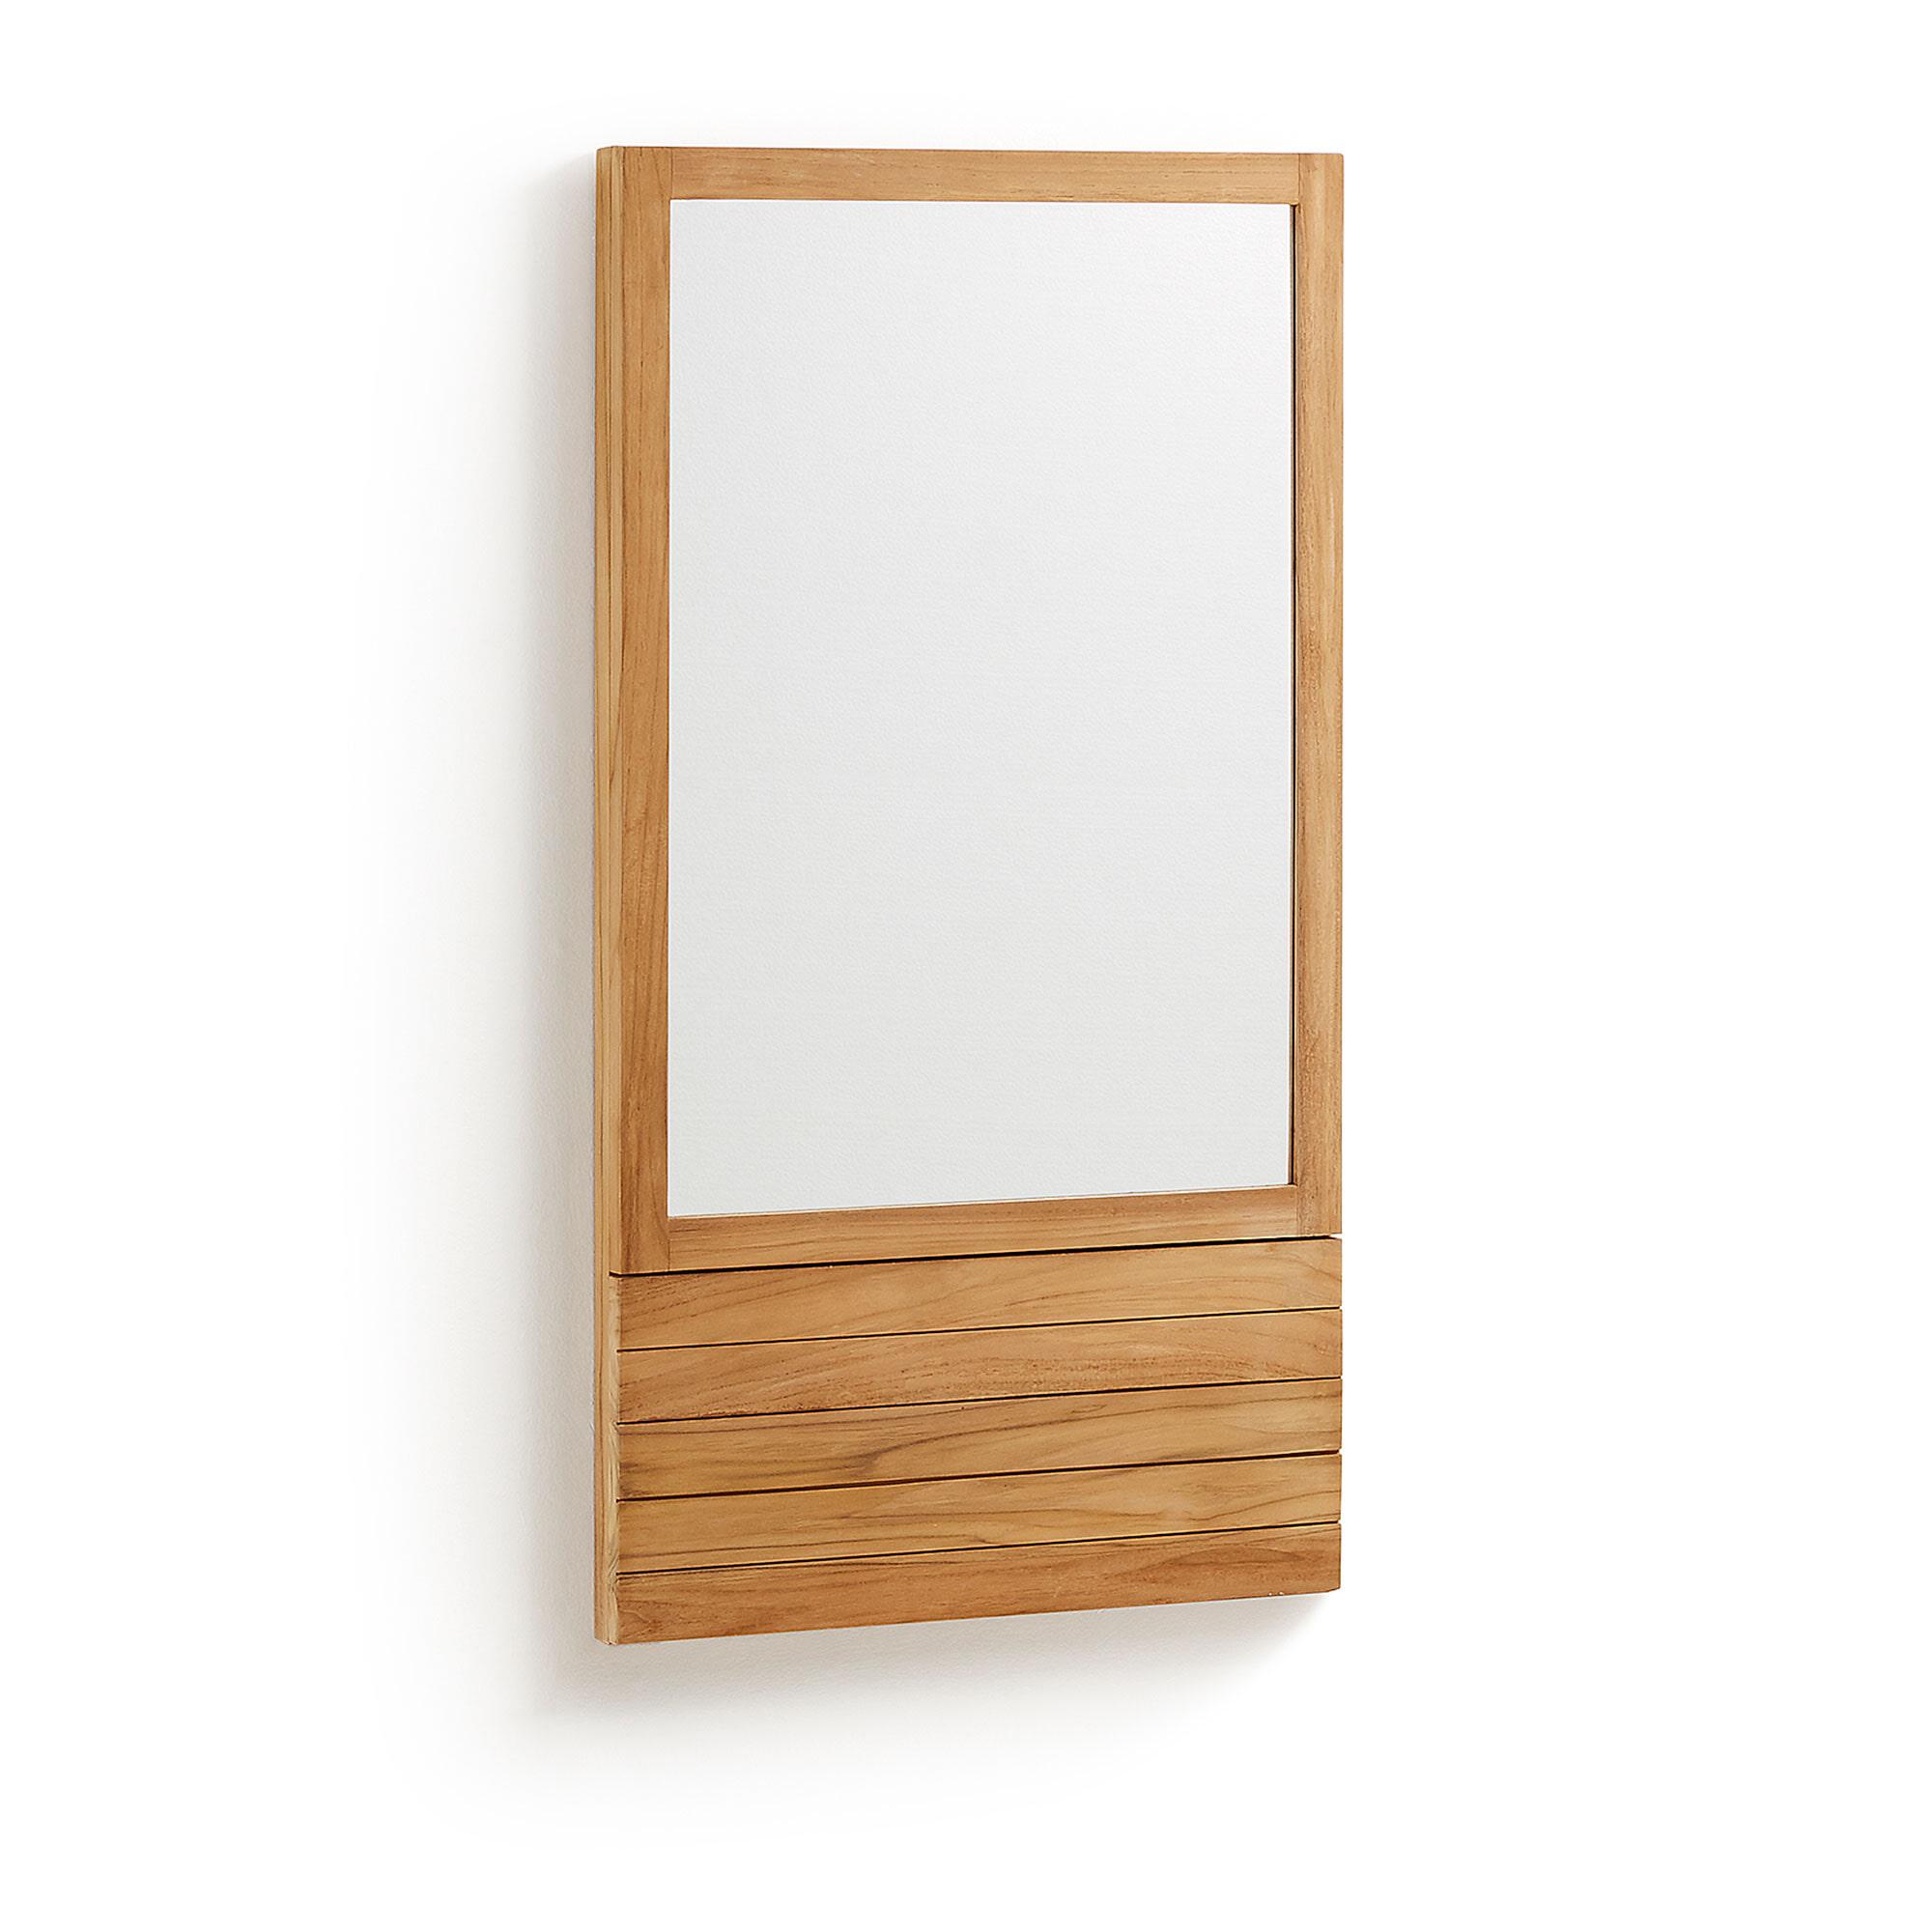 Kave Home Spiegel 'Kuveni' 110 x 60cm, kleur Teak